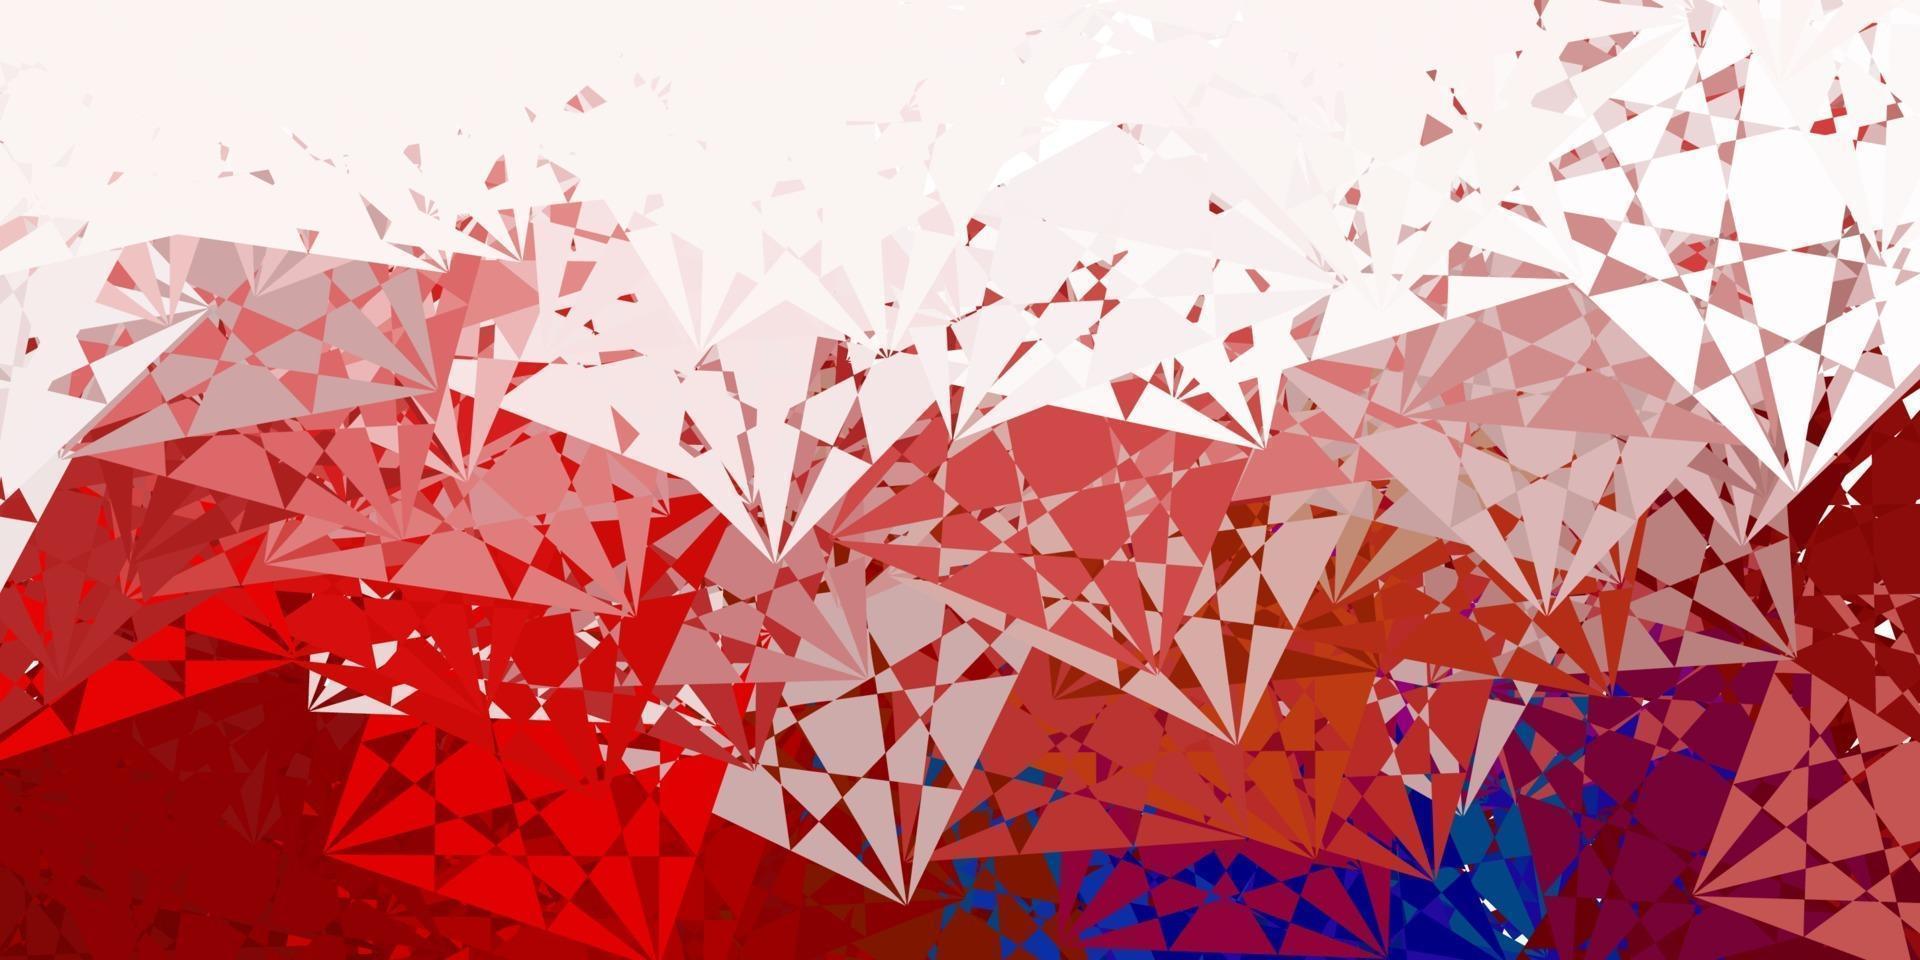 lichtblauwe, rode vectorachtergrond met driehoeken. vector